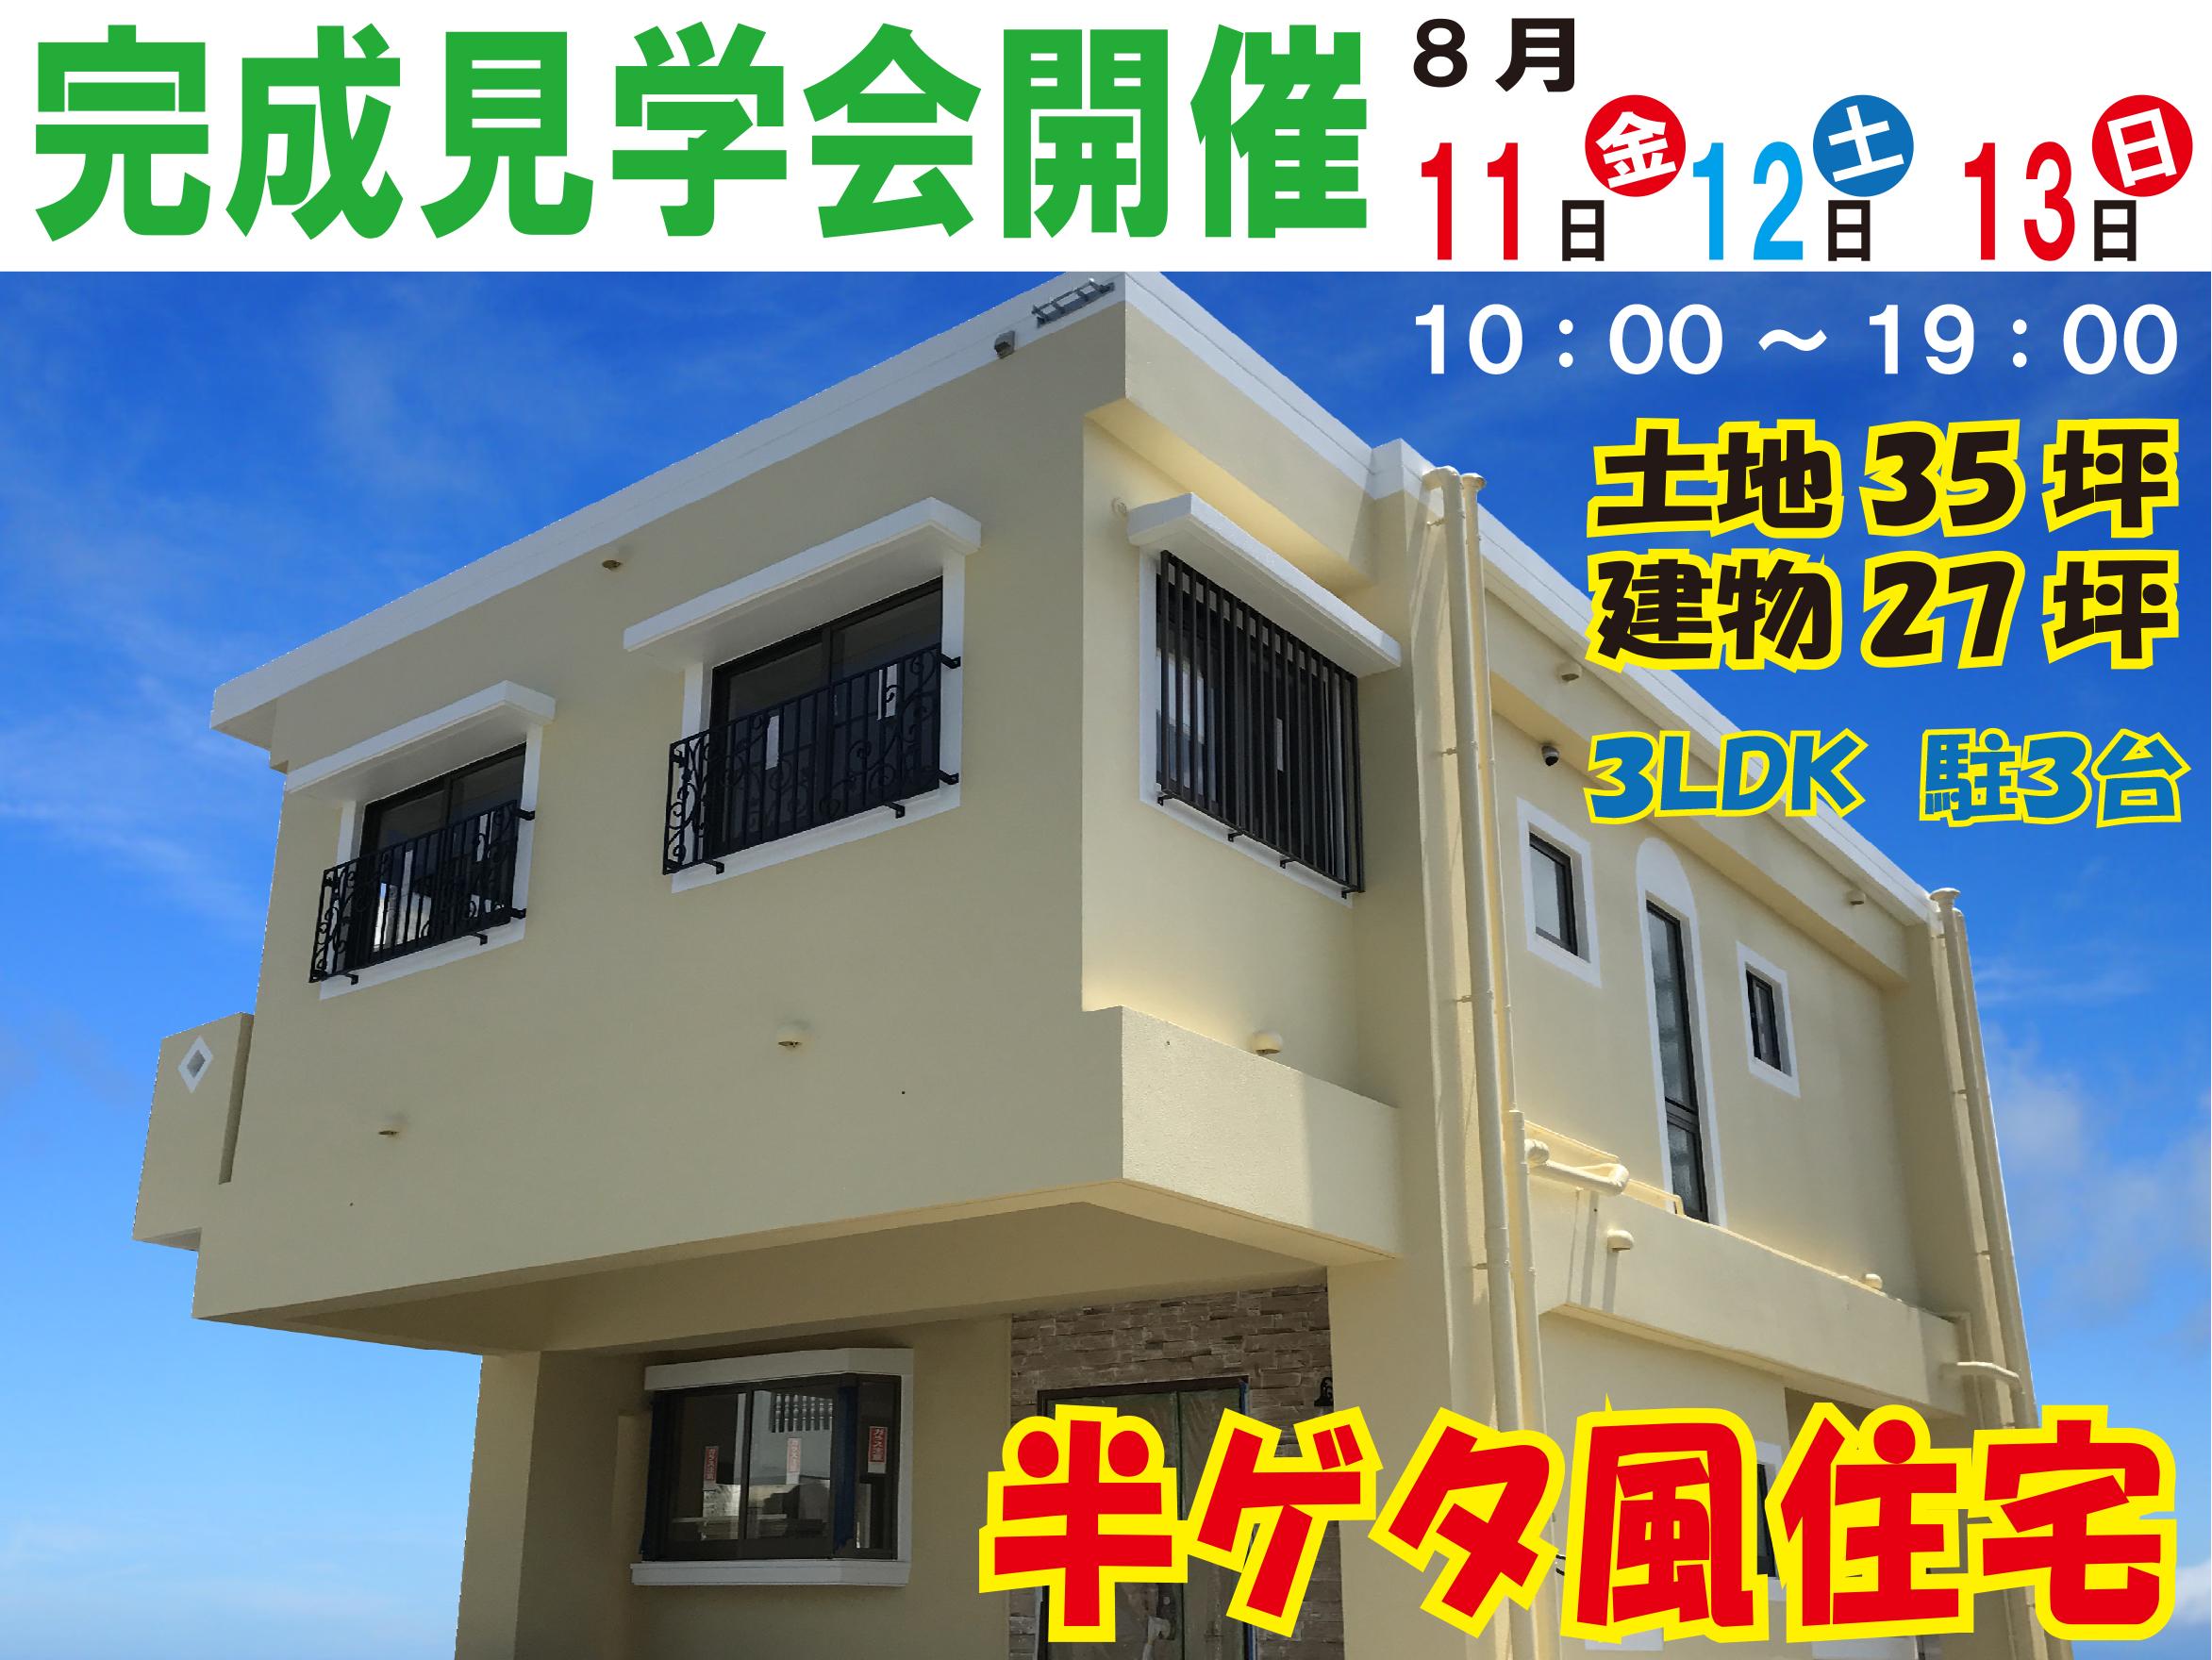 宜野湾市赤道にてオープンハウス&無料住宅相談会を開催!